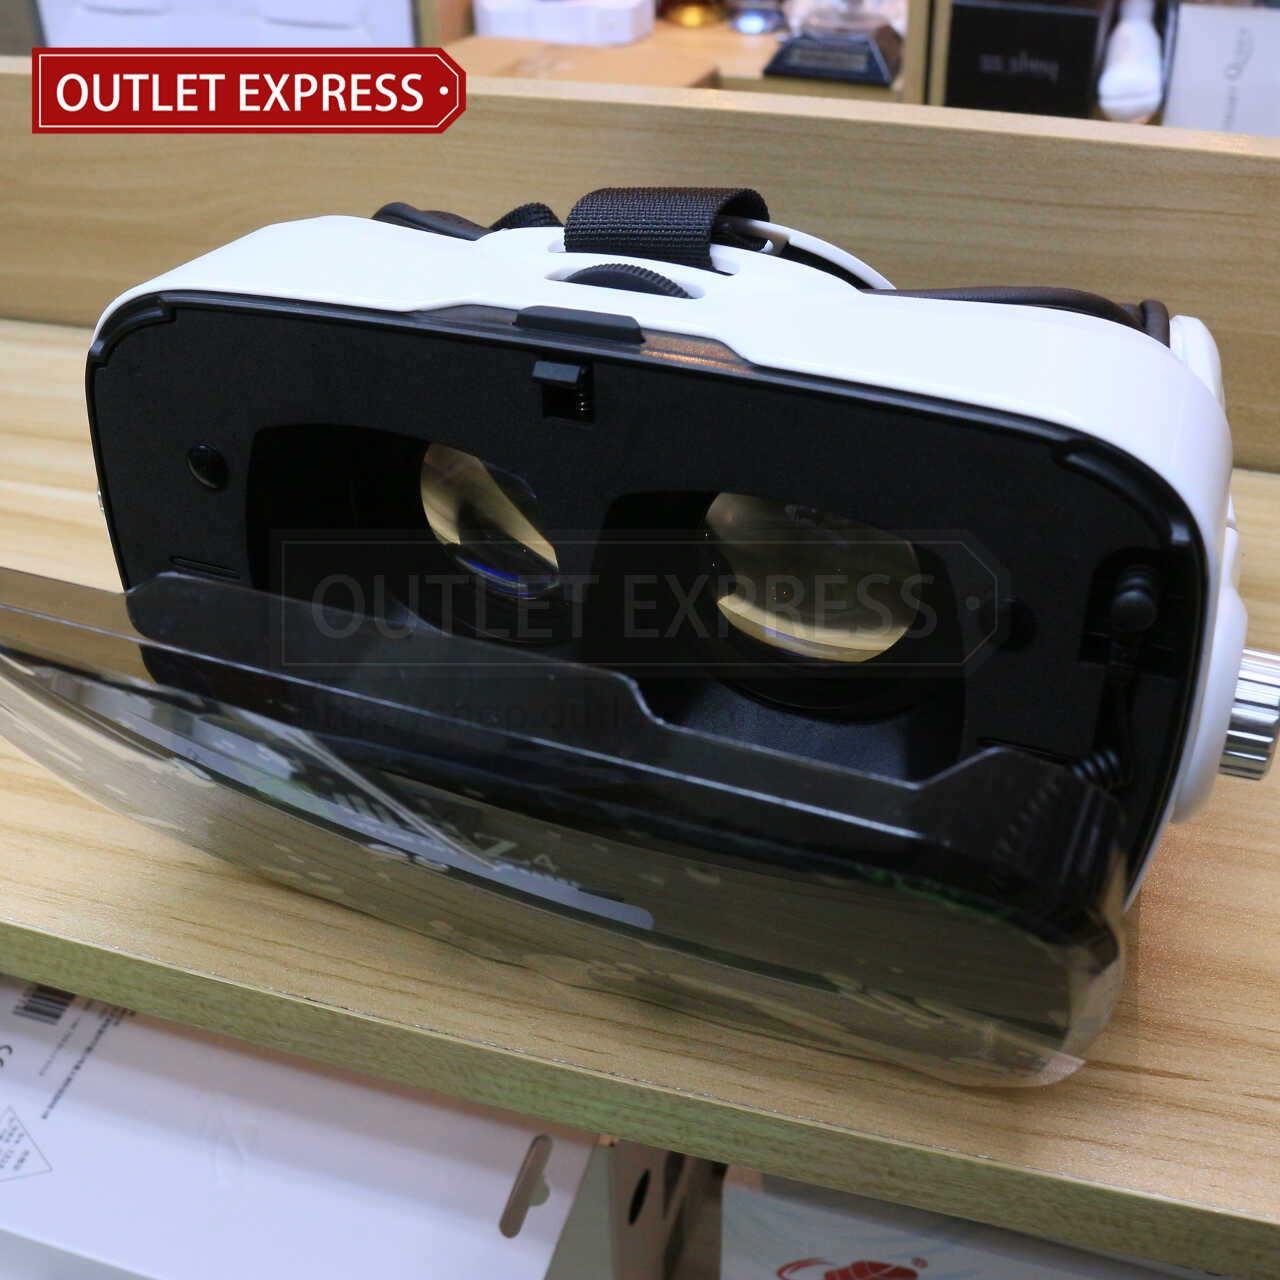 小宅魔鏡Z4 VR虛擬實境眼鏡 手機放置位置- Outlet Express HK生活百貨城實拍相片